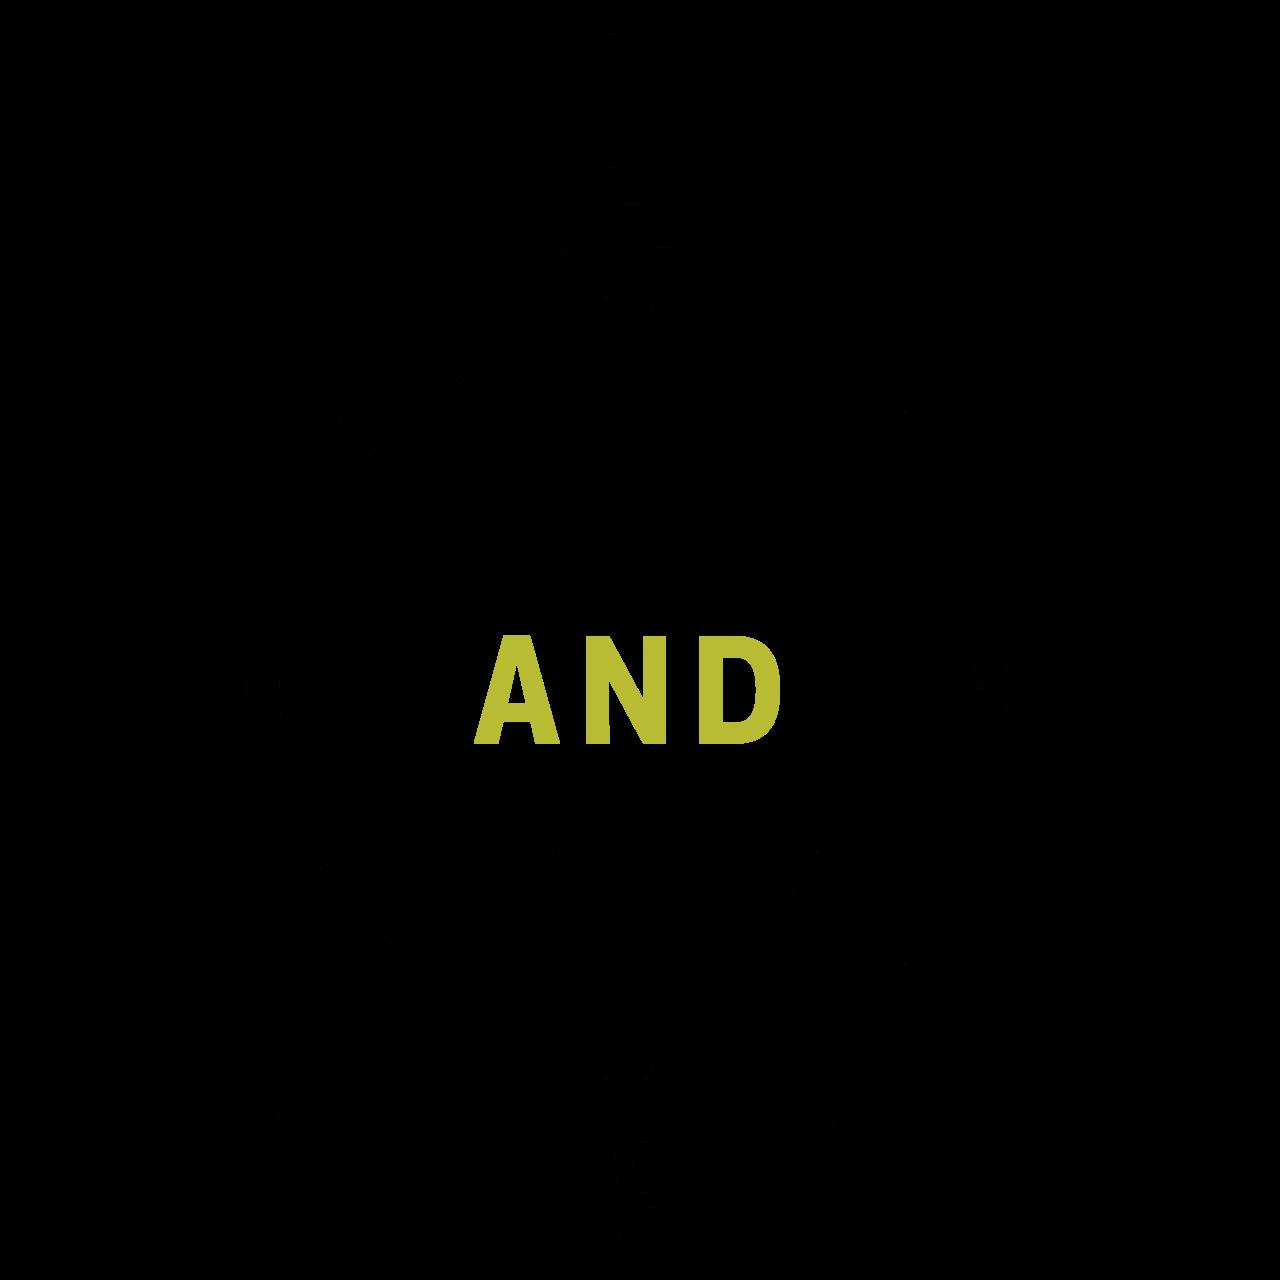 L.A.T. Apparel